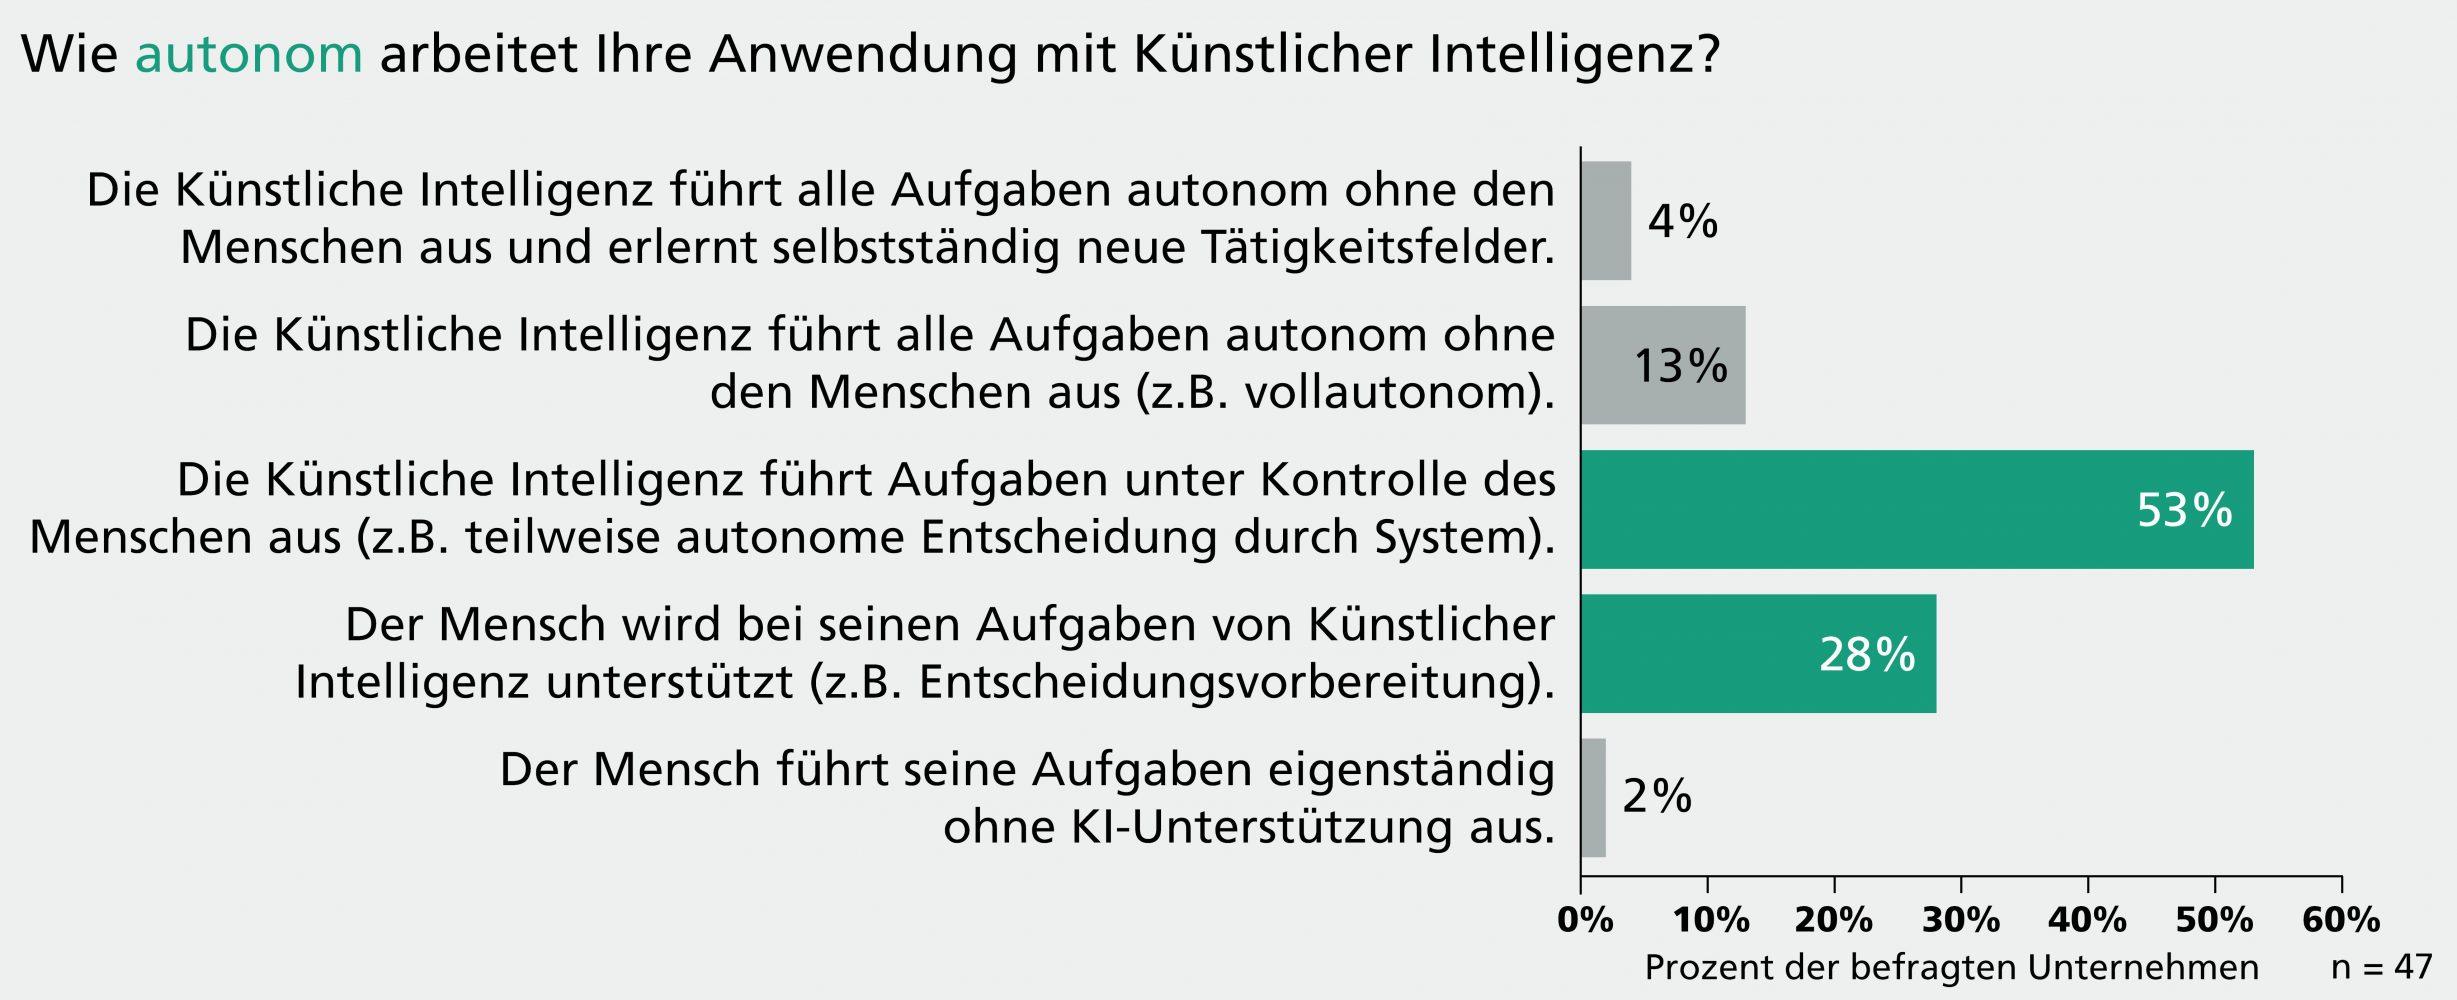 Interaktion von KI und Mensch steht bei den Anwendungen klar im Fokus. (Bild: Fraunhofer-Institut f. Arbeitswirtschaft)